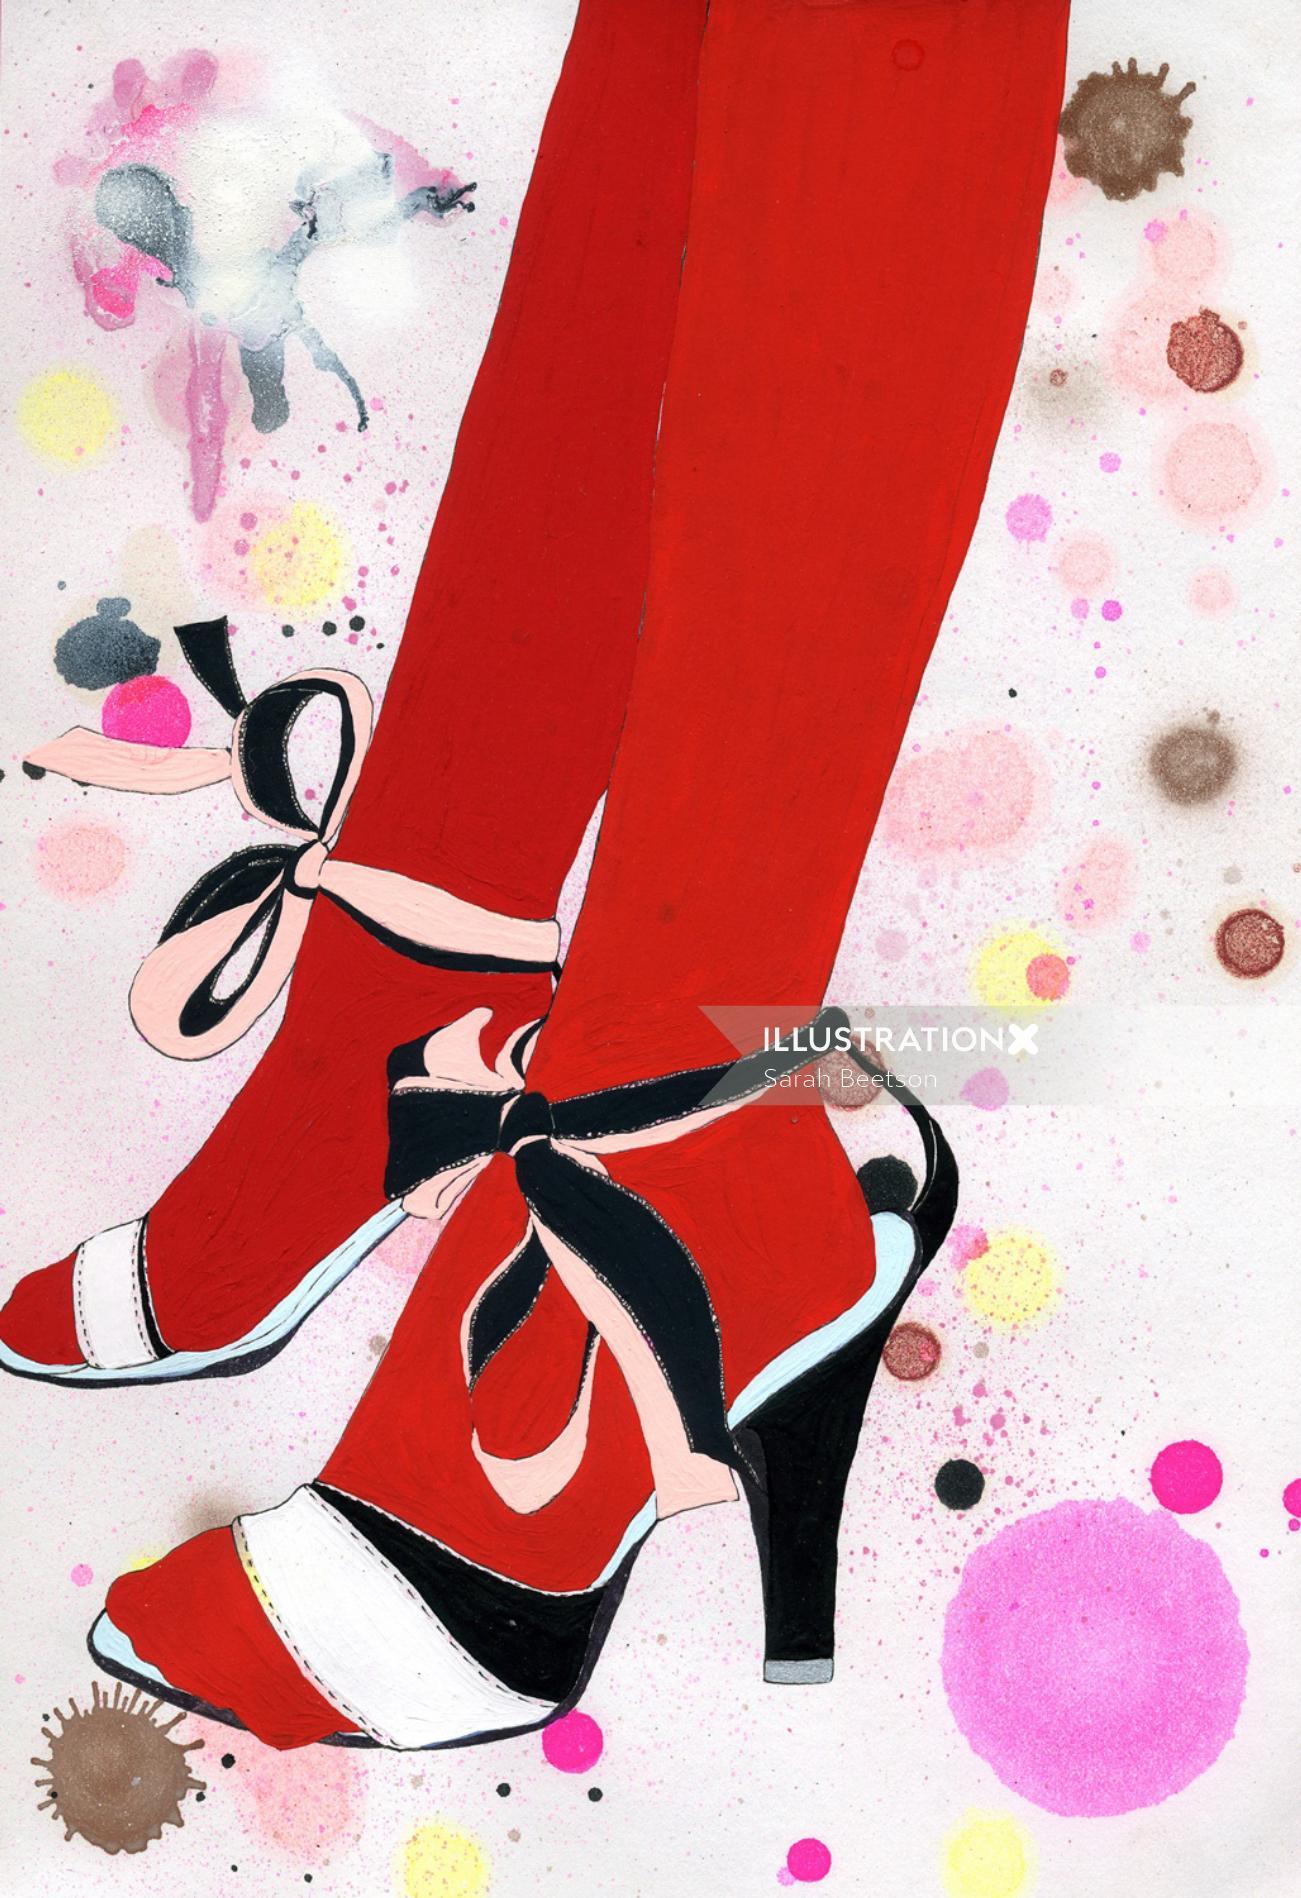 Ladies heels footwear illustration by Sarah Beetson